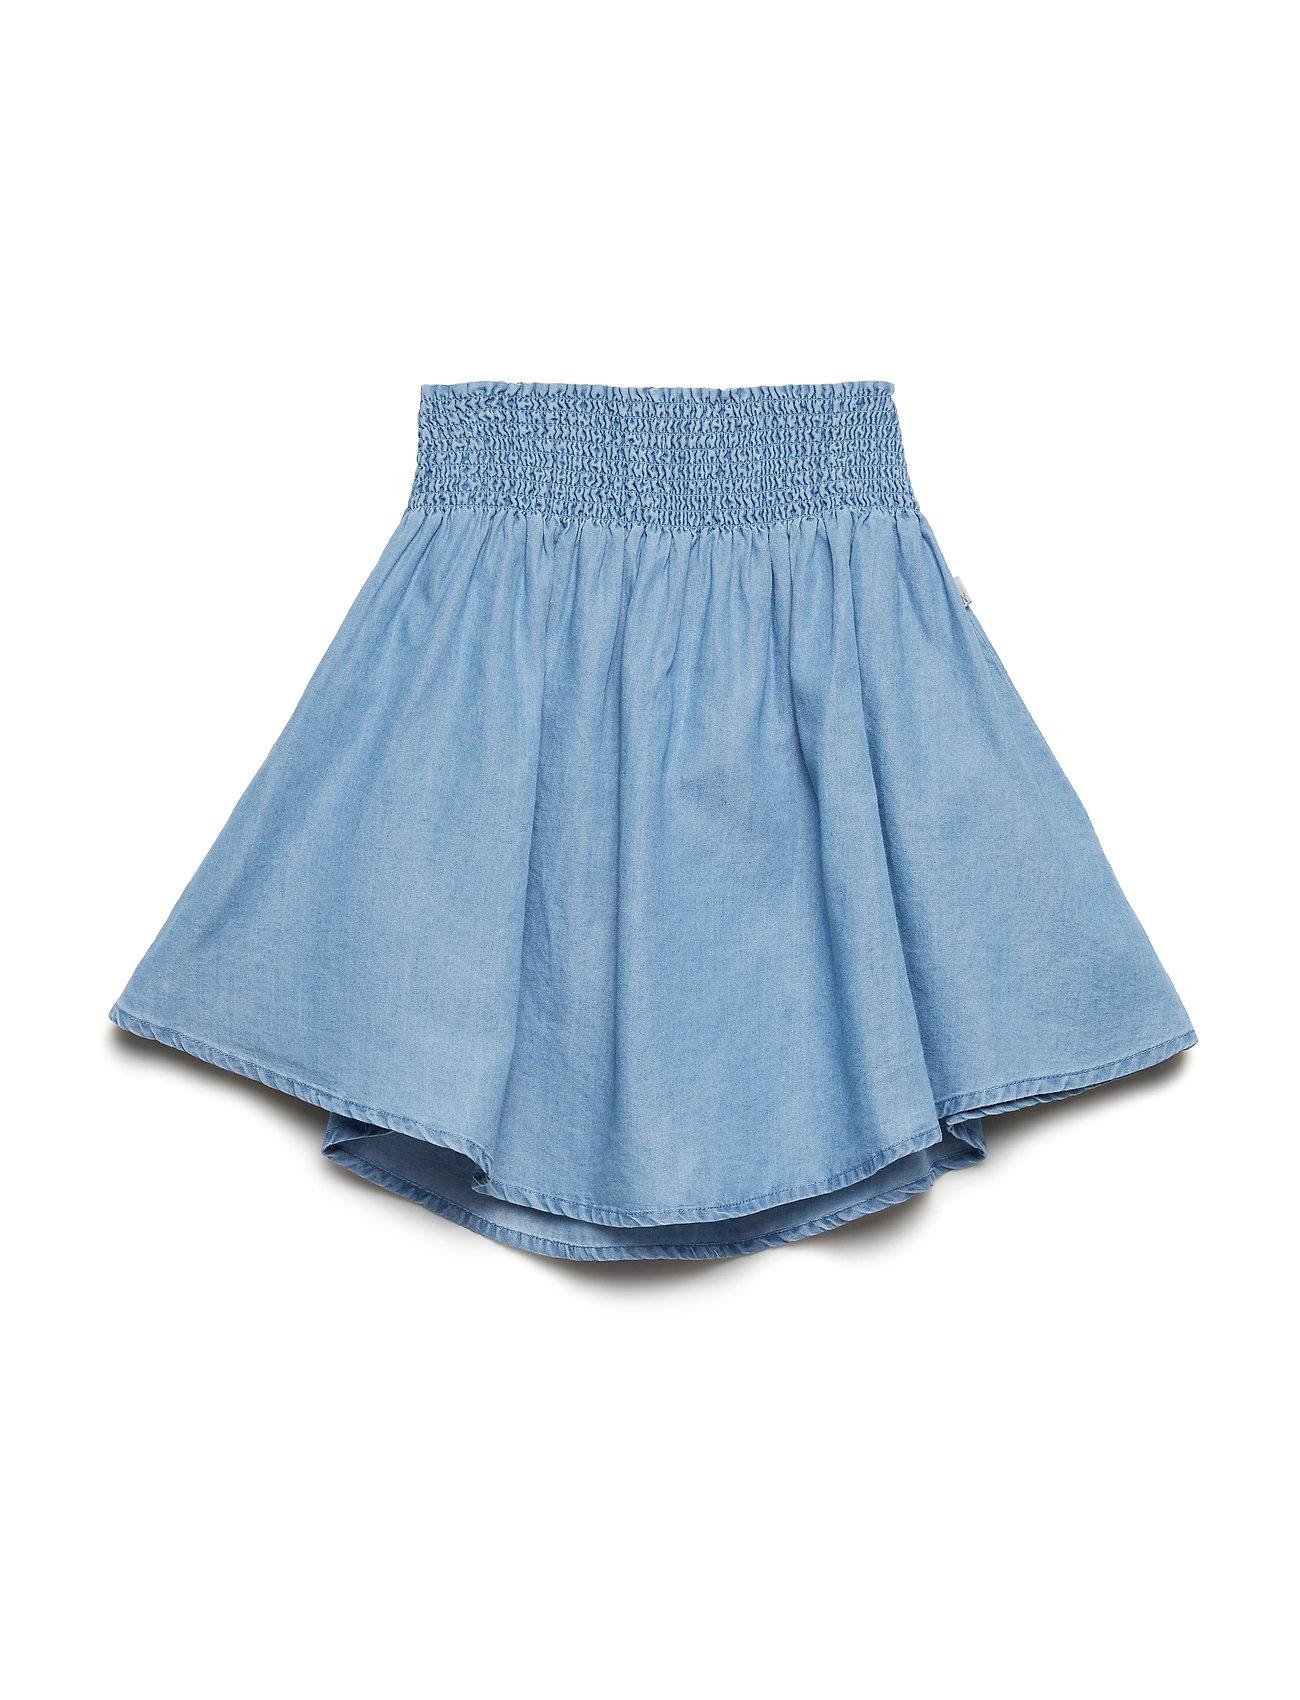 WHEAT KIDS Netty Skirt by Wheat Kids